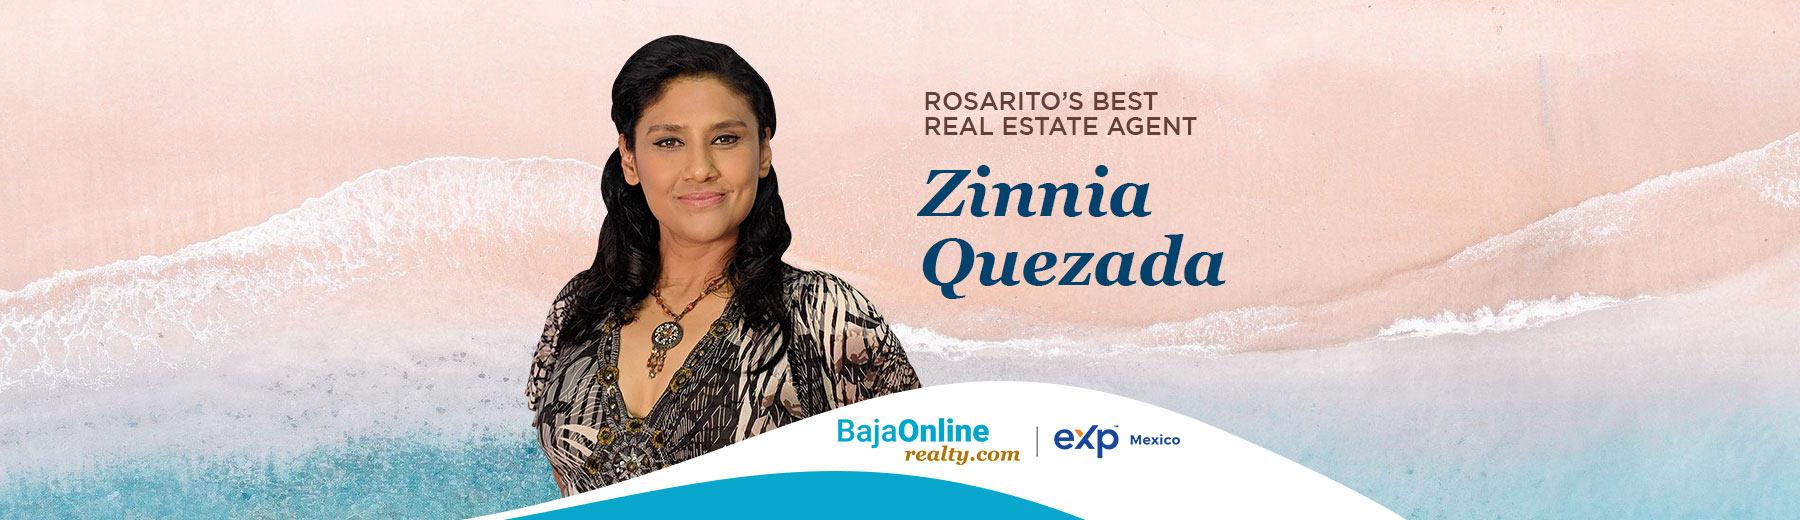 Baja Online Realty